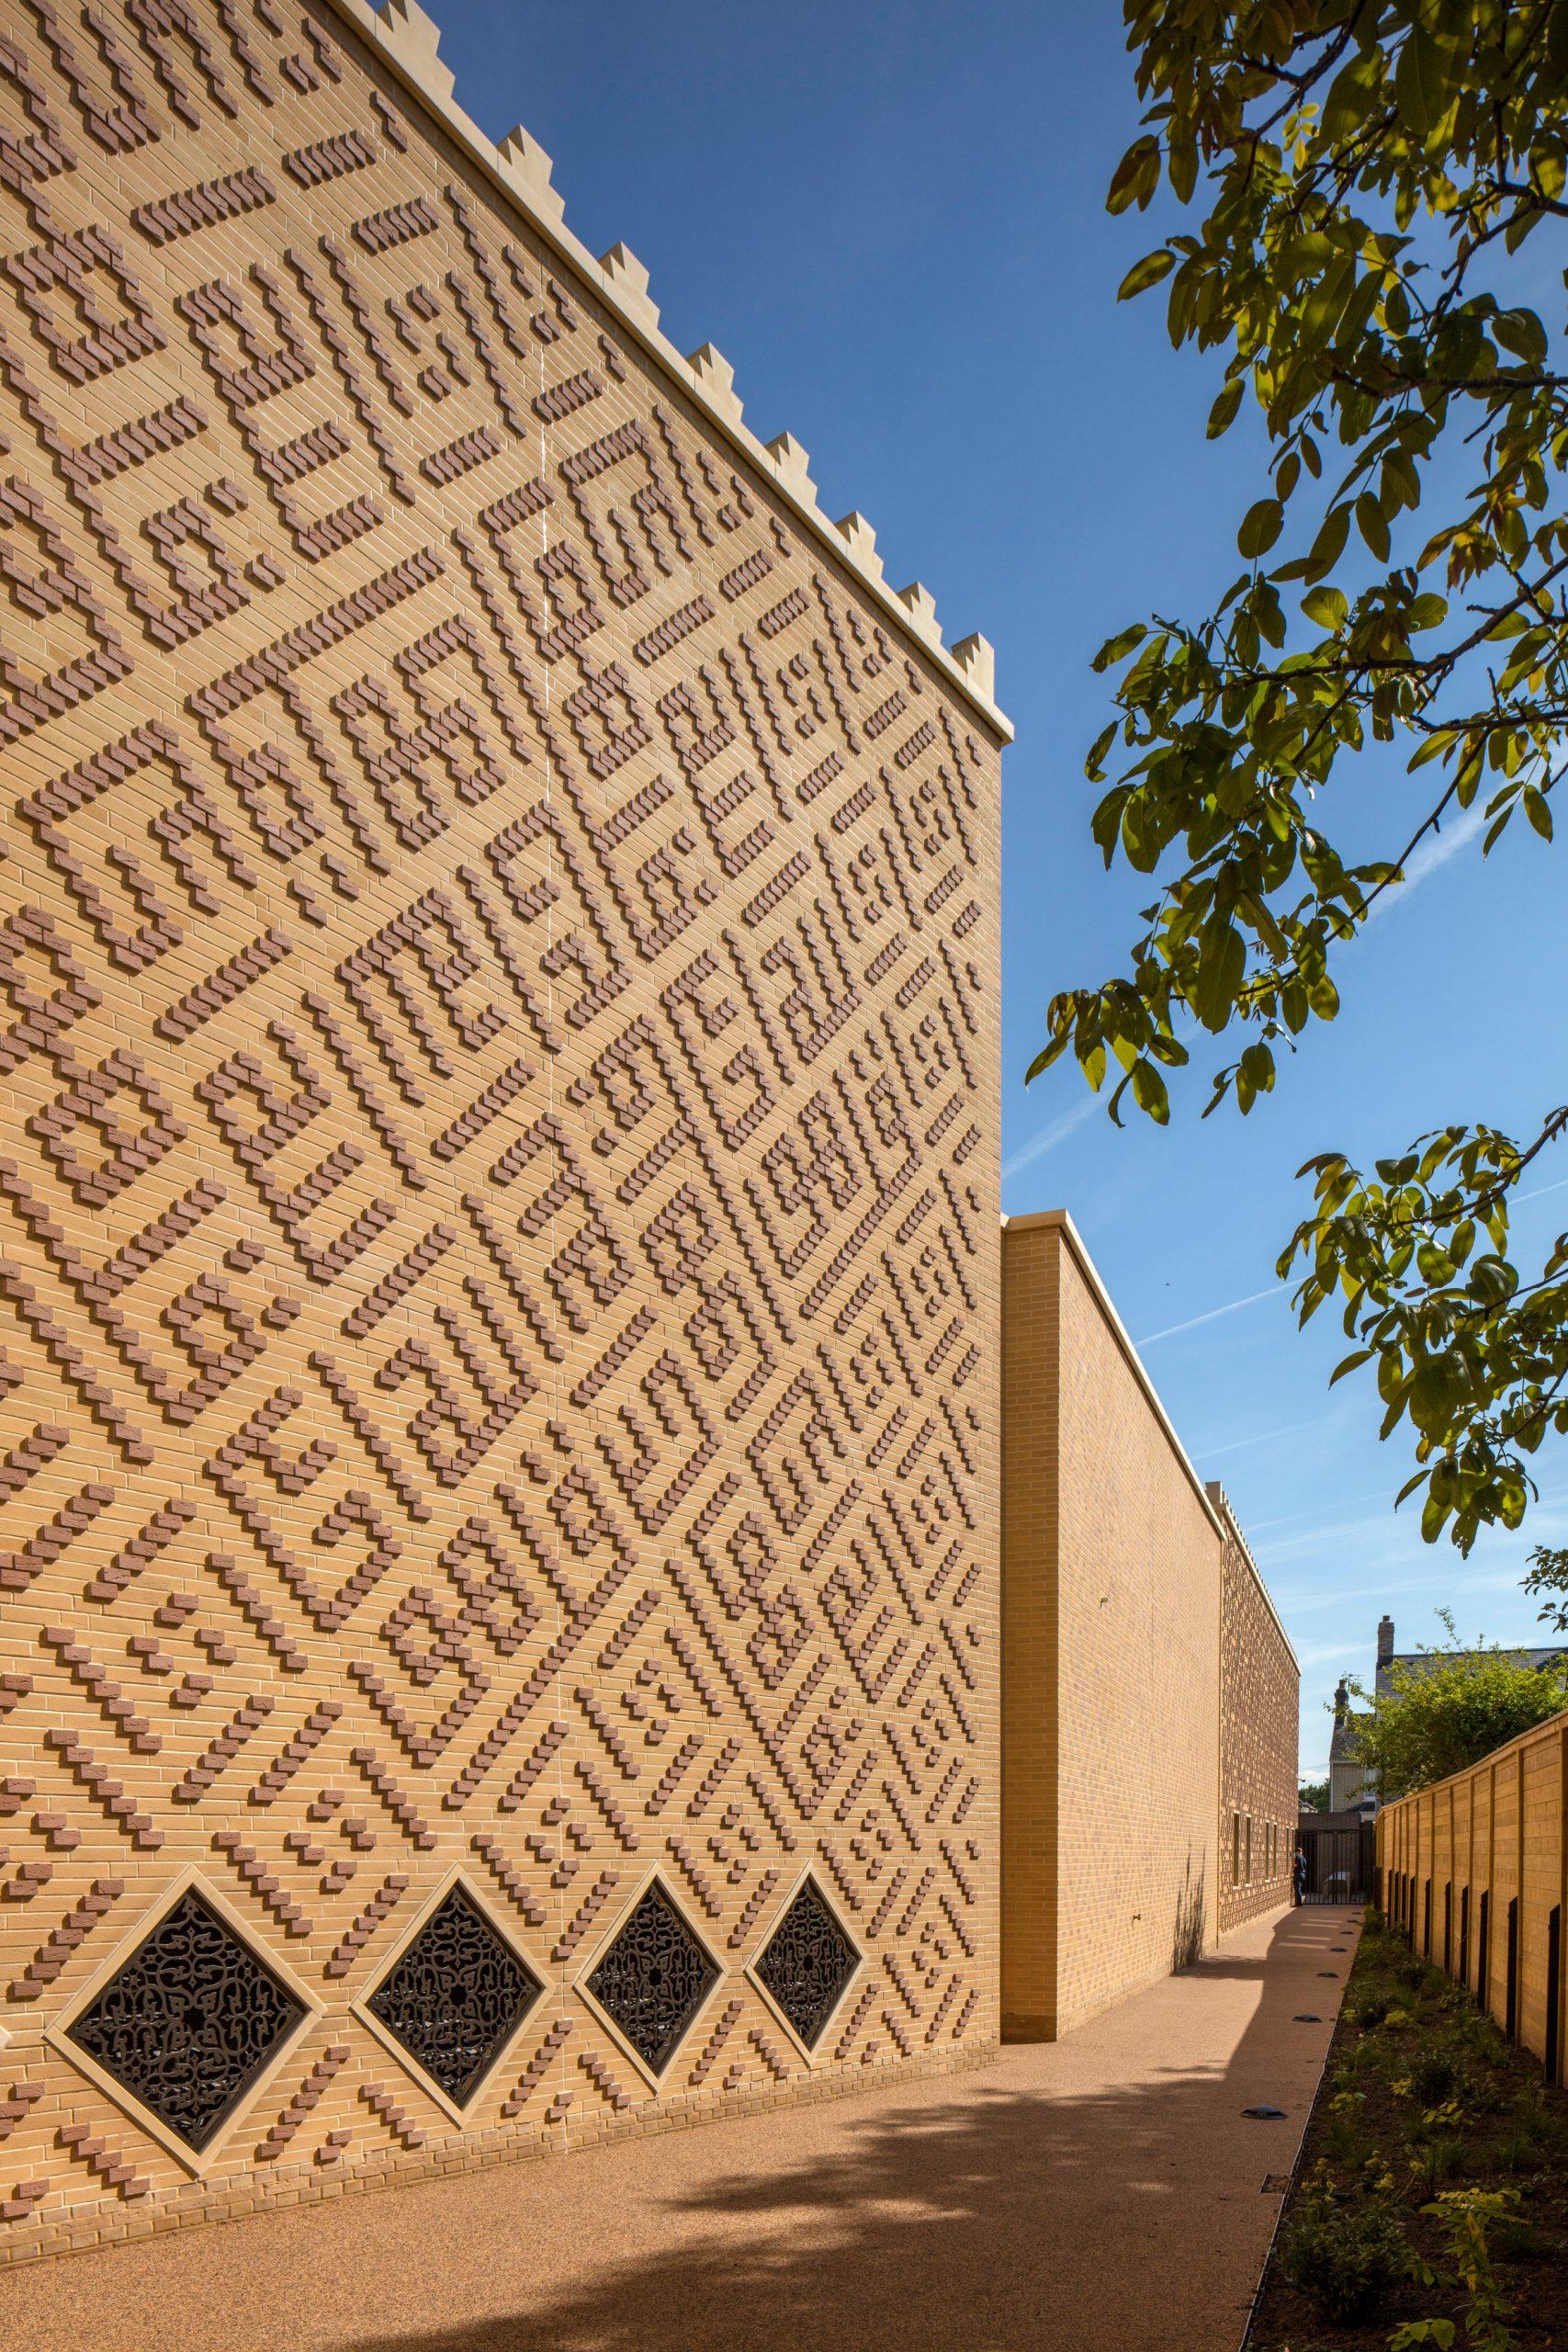 Brickwork in Cambridge